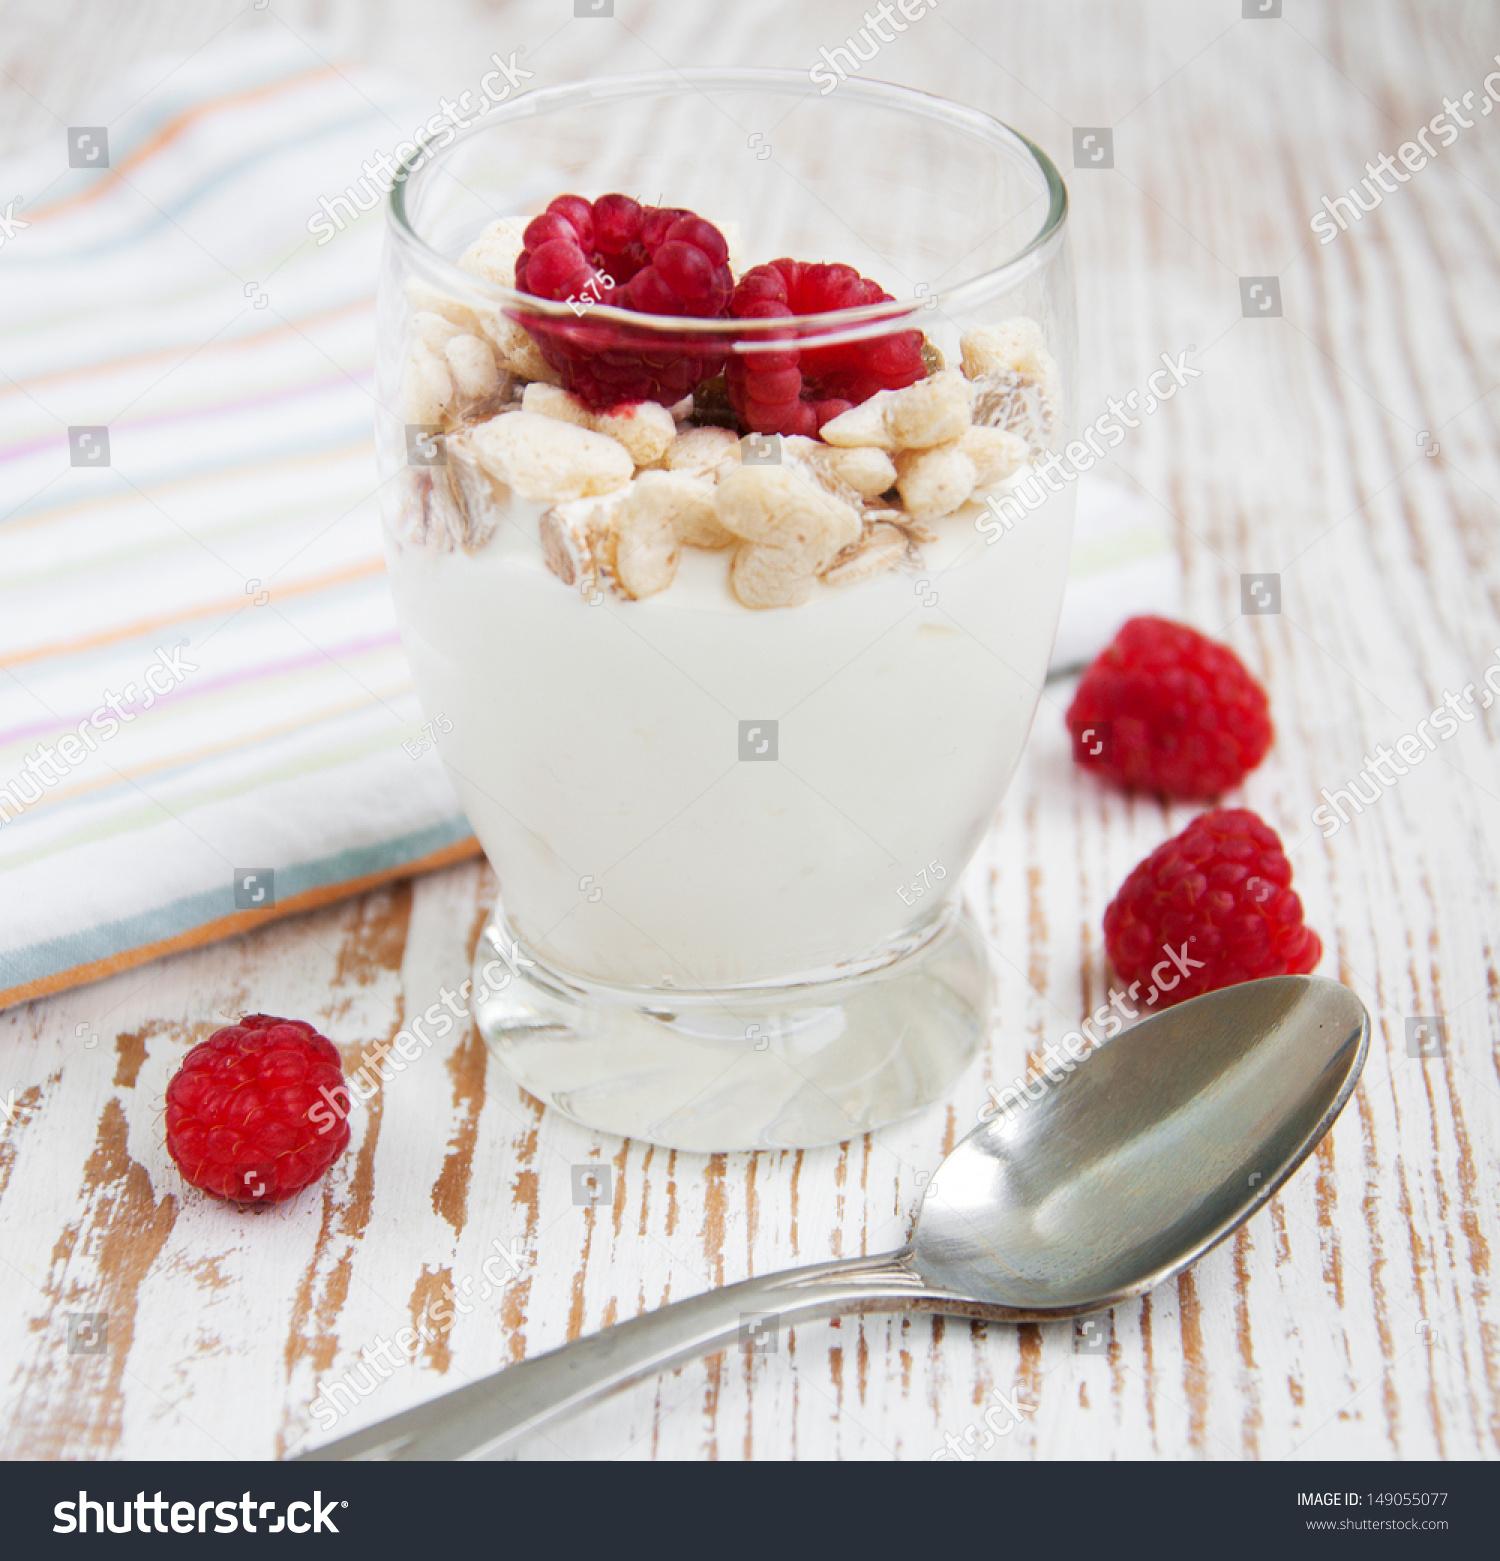 healthy muesli dessert with yogurt and berries stock photo